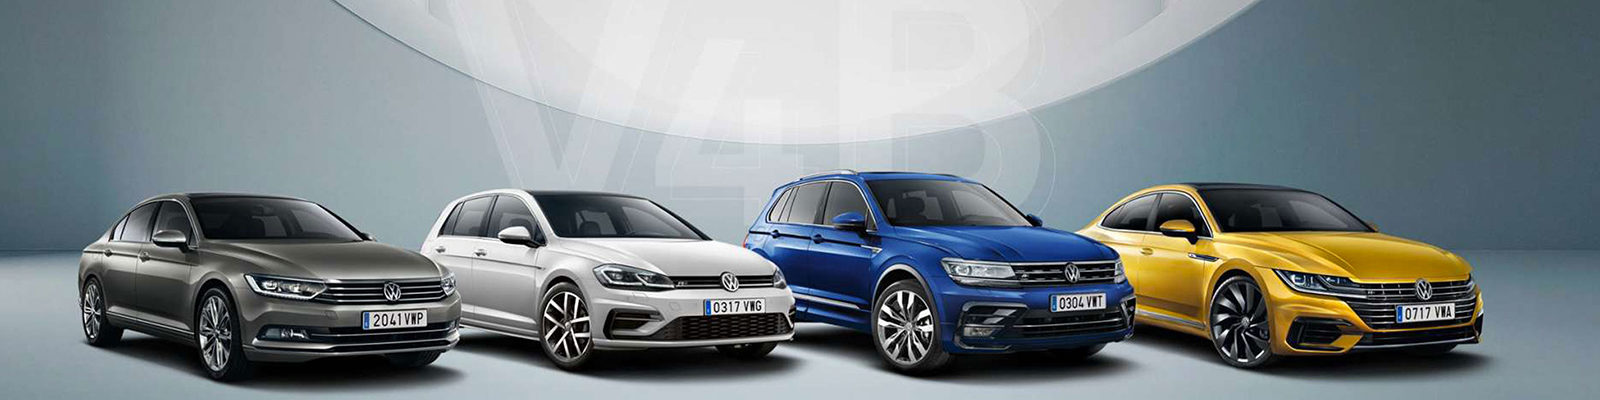 Volkswagen Renting